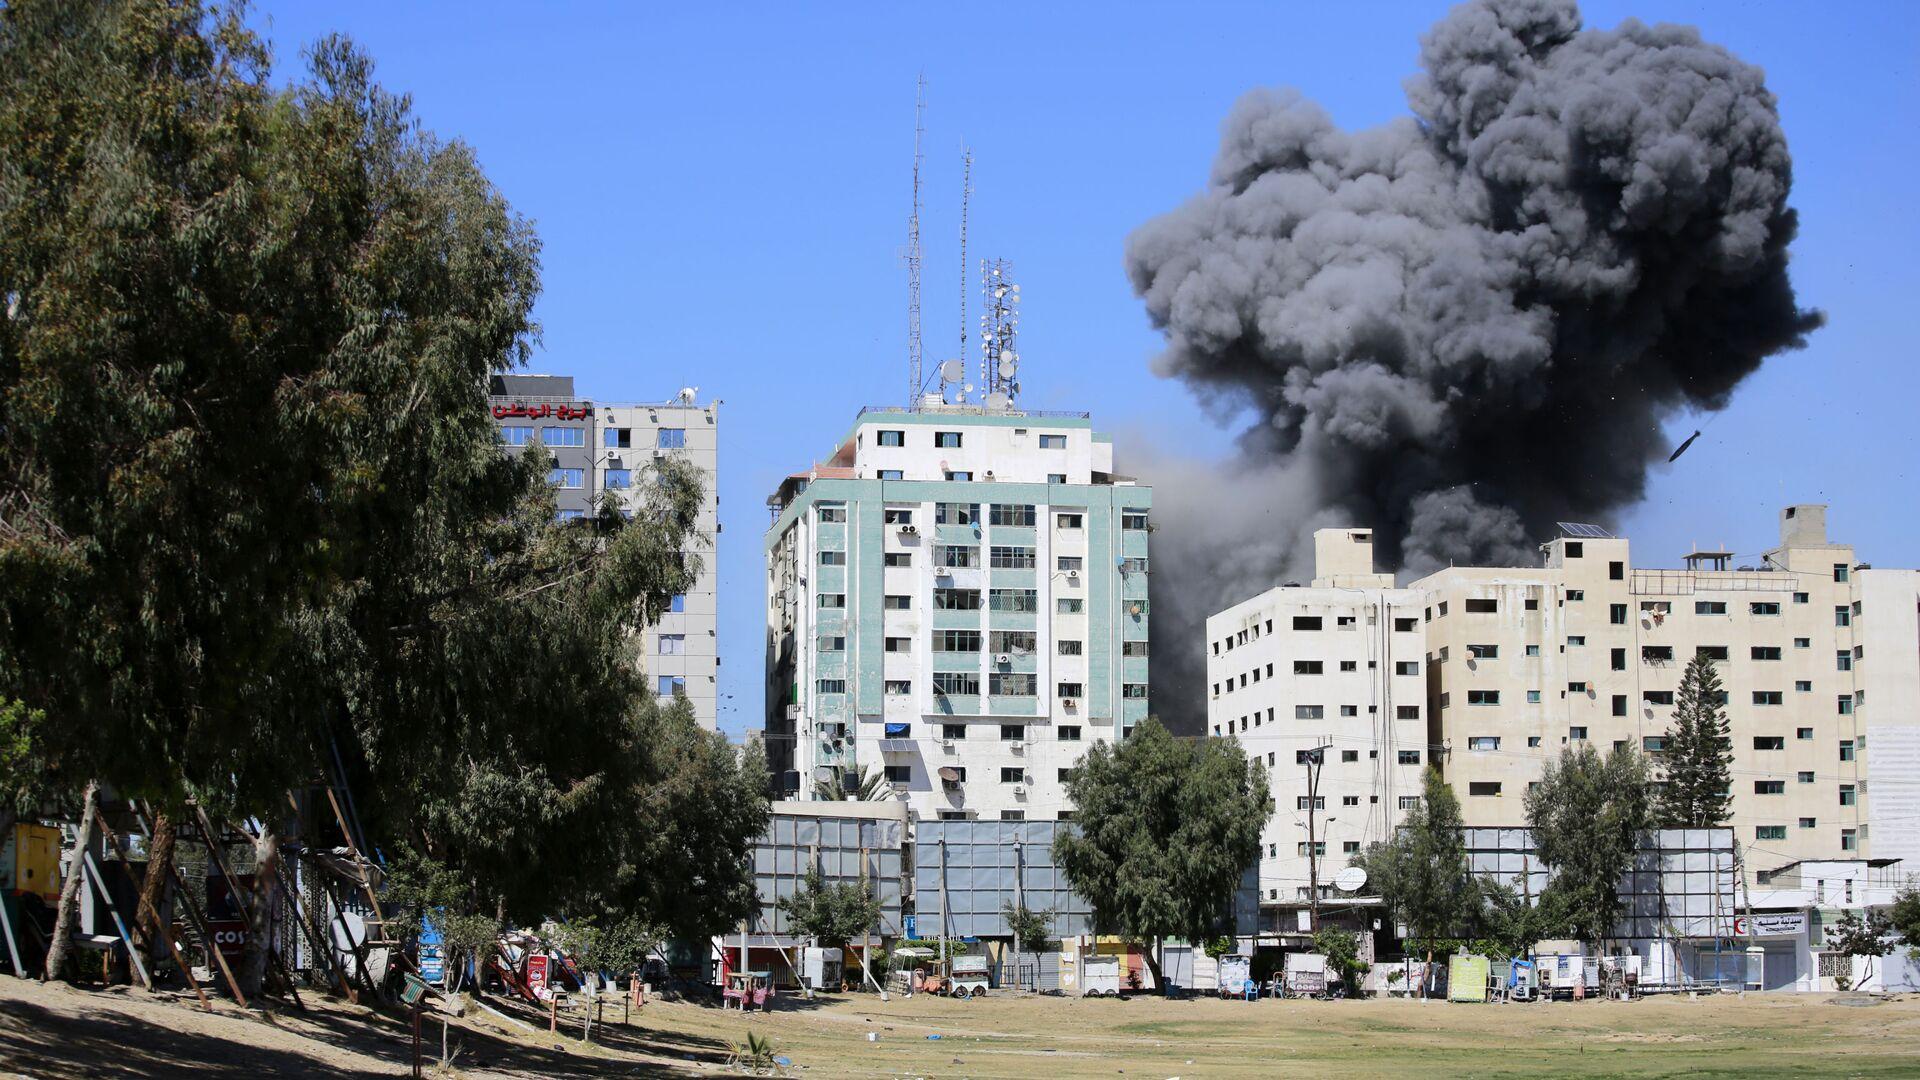 Fumo sopra un edificio nella Striscia di Gaza dopo un attacco aereo israeliano - Sputnik Italia, 1920, 19.05.2021